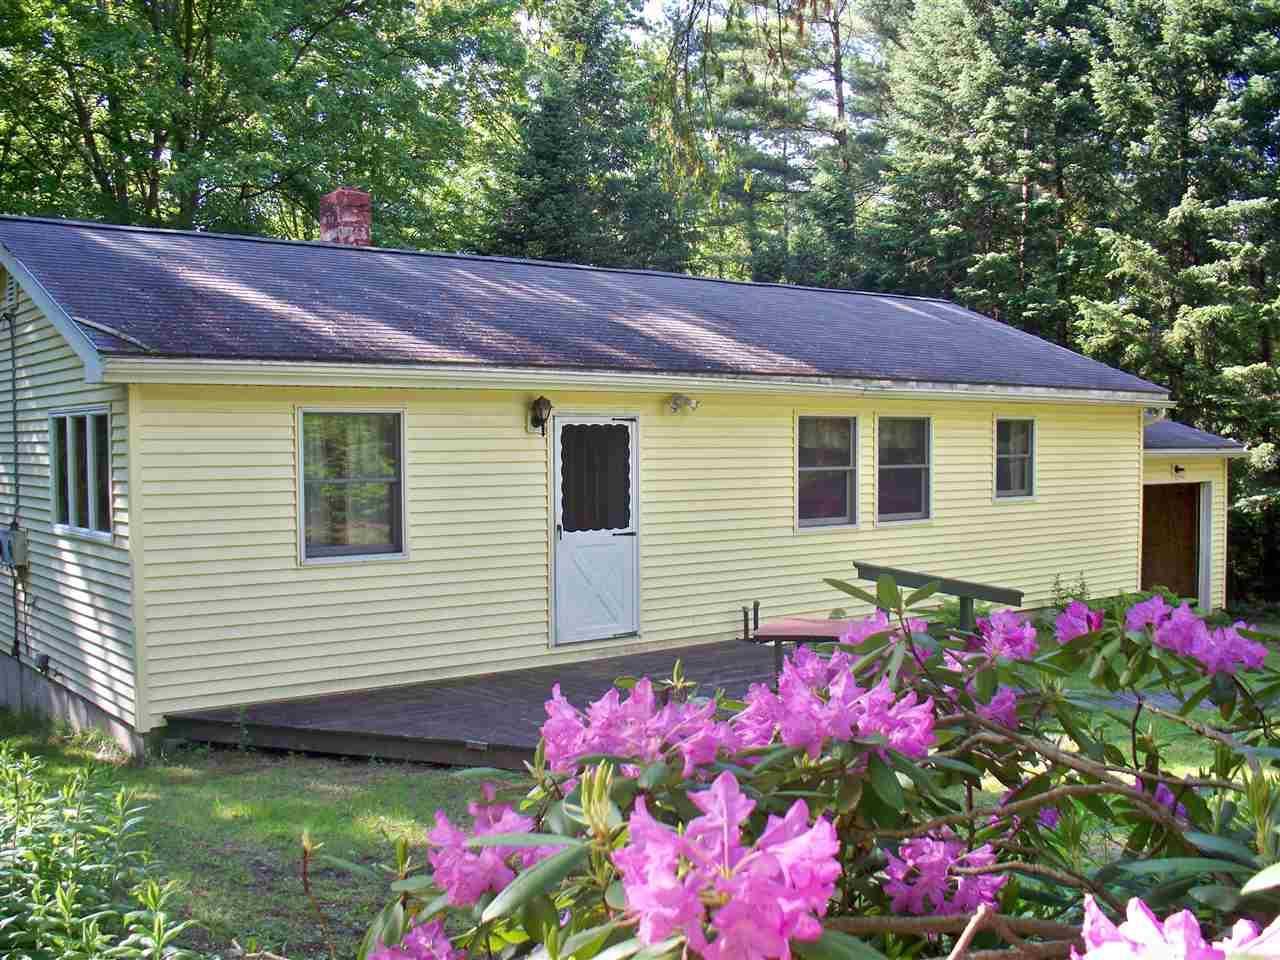 176 Lynette Dr Rutland Vt Mls 4644001 Better Homes